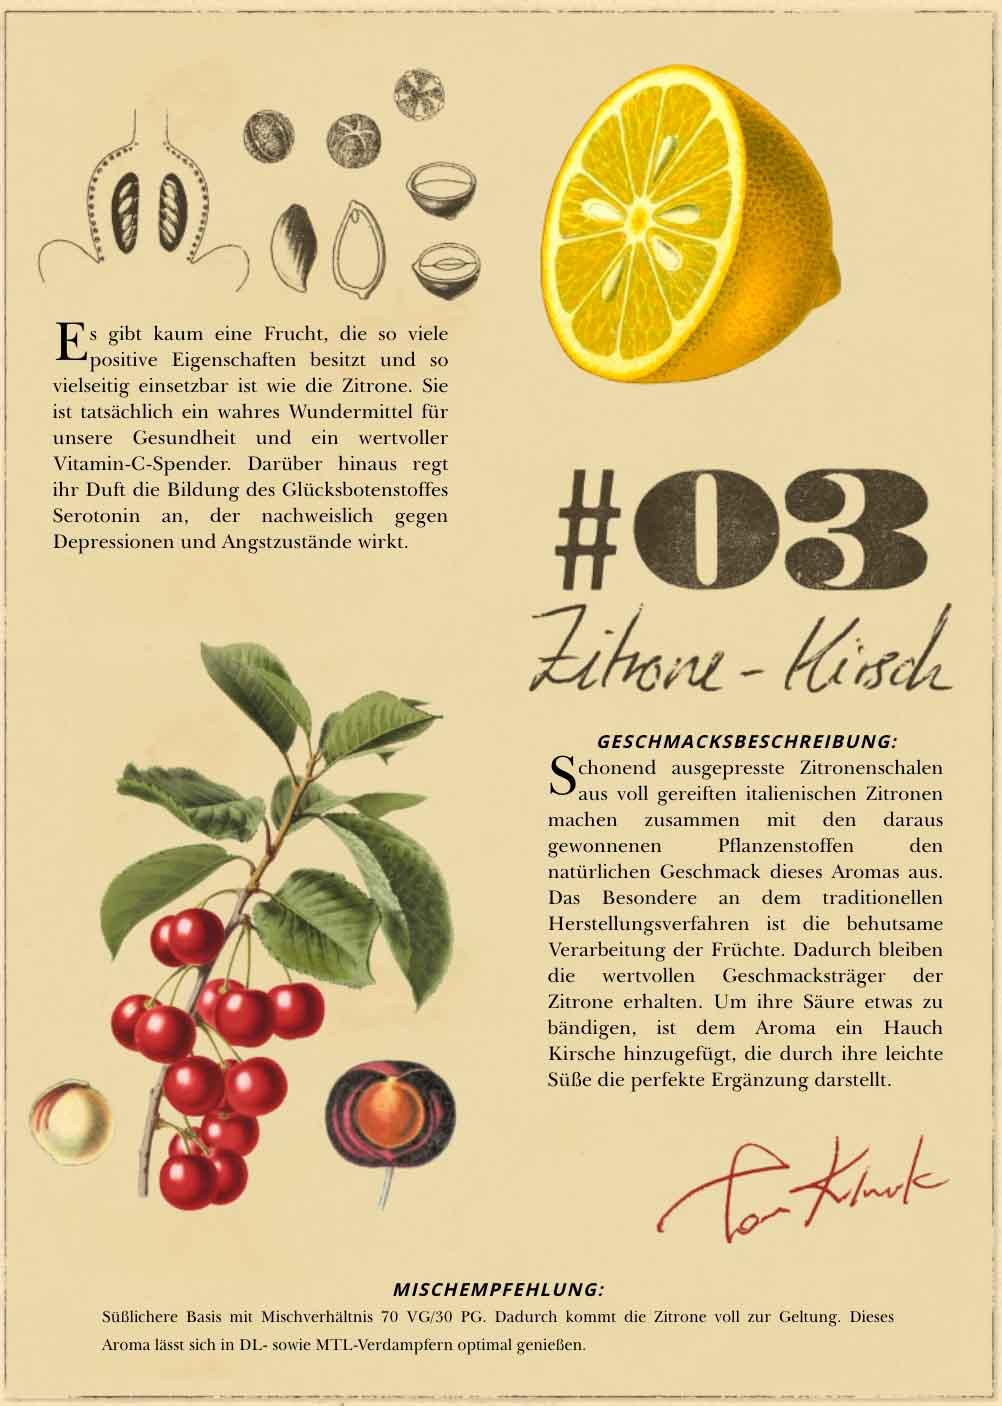 Tom Klarks No.3 Zitrone Kirsche